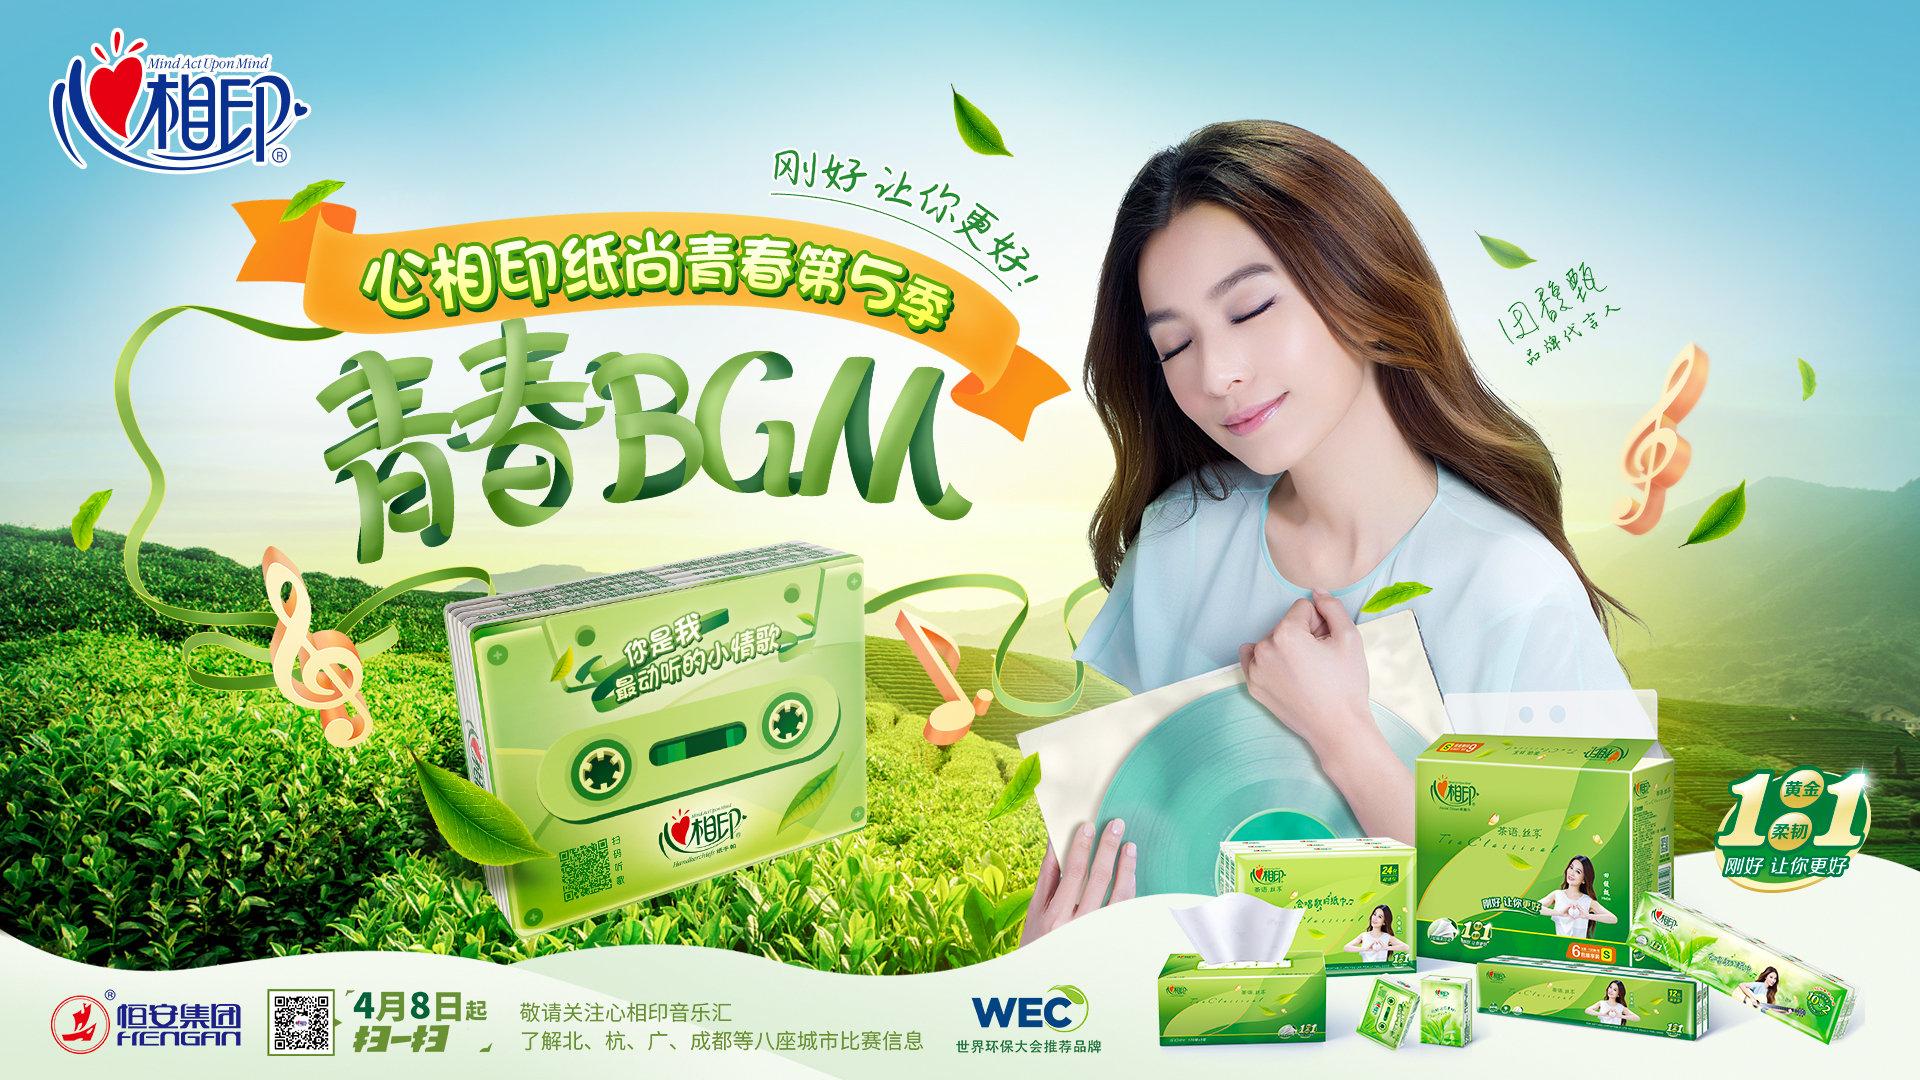 田馥甄代言的纸巾牌子心相印真的很神奇,今年出了一款磁带包装纸巾